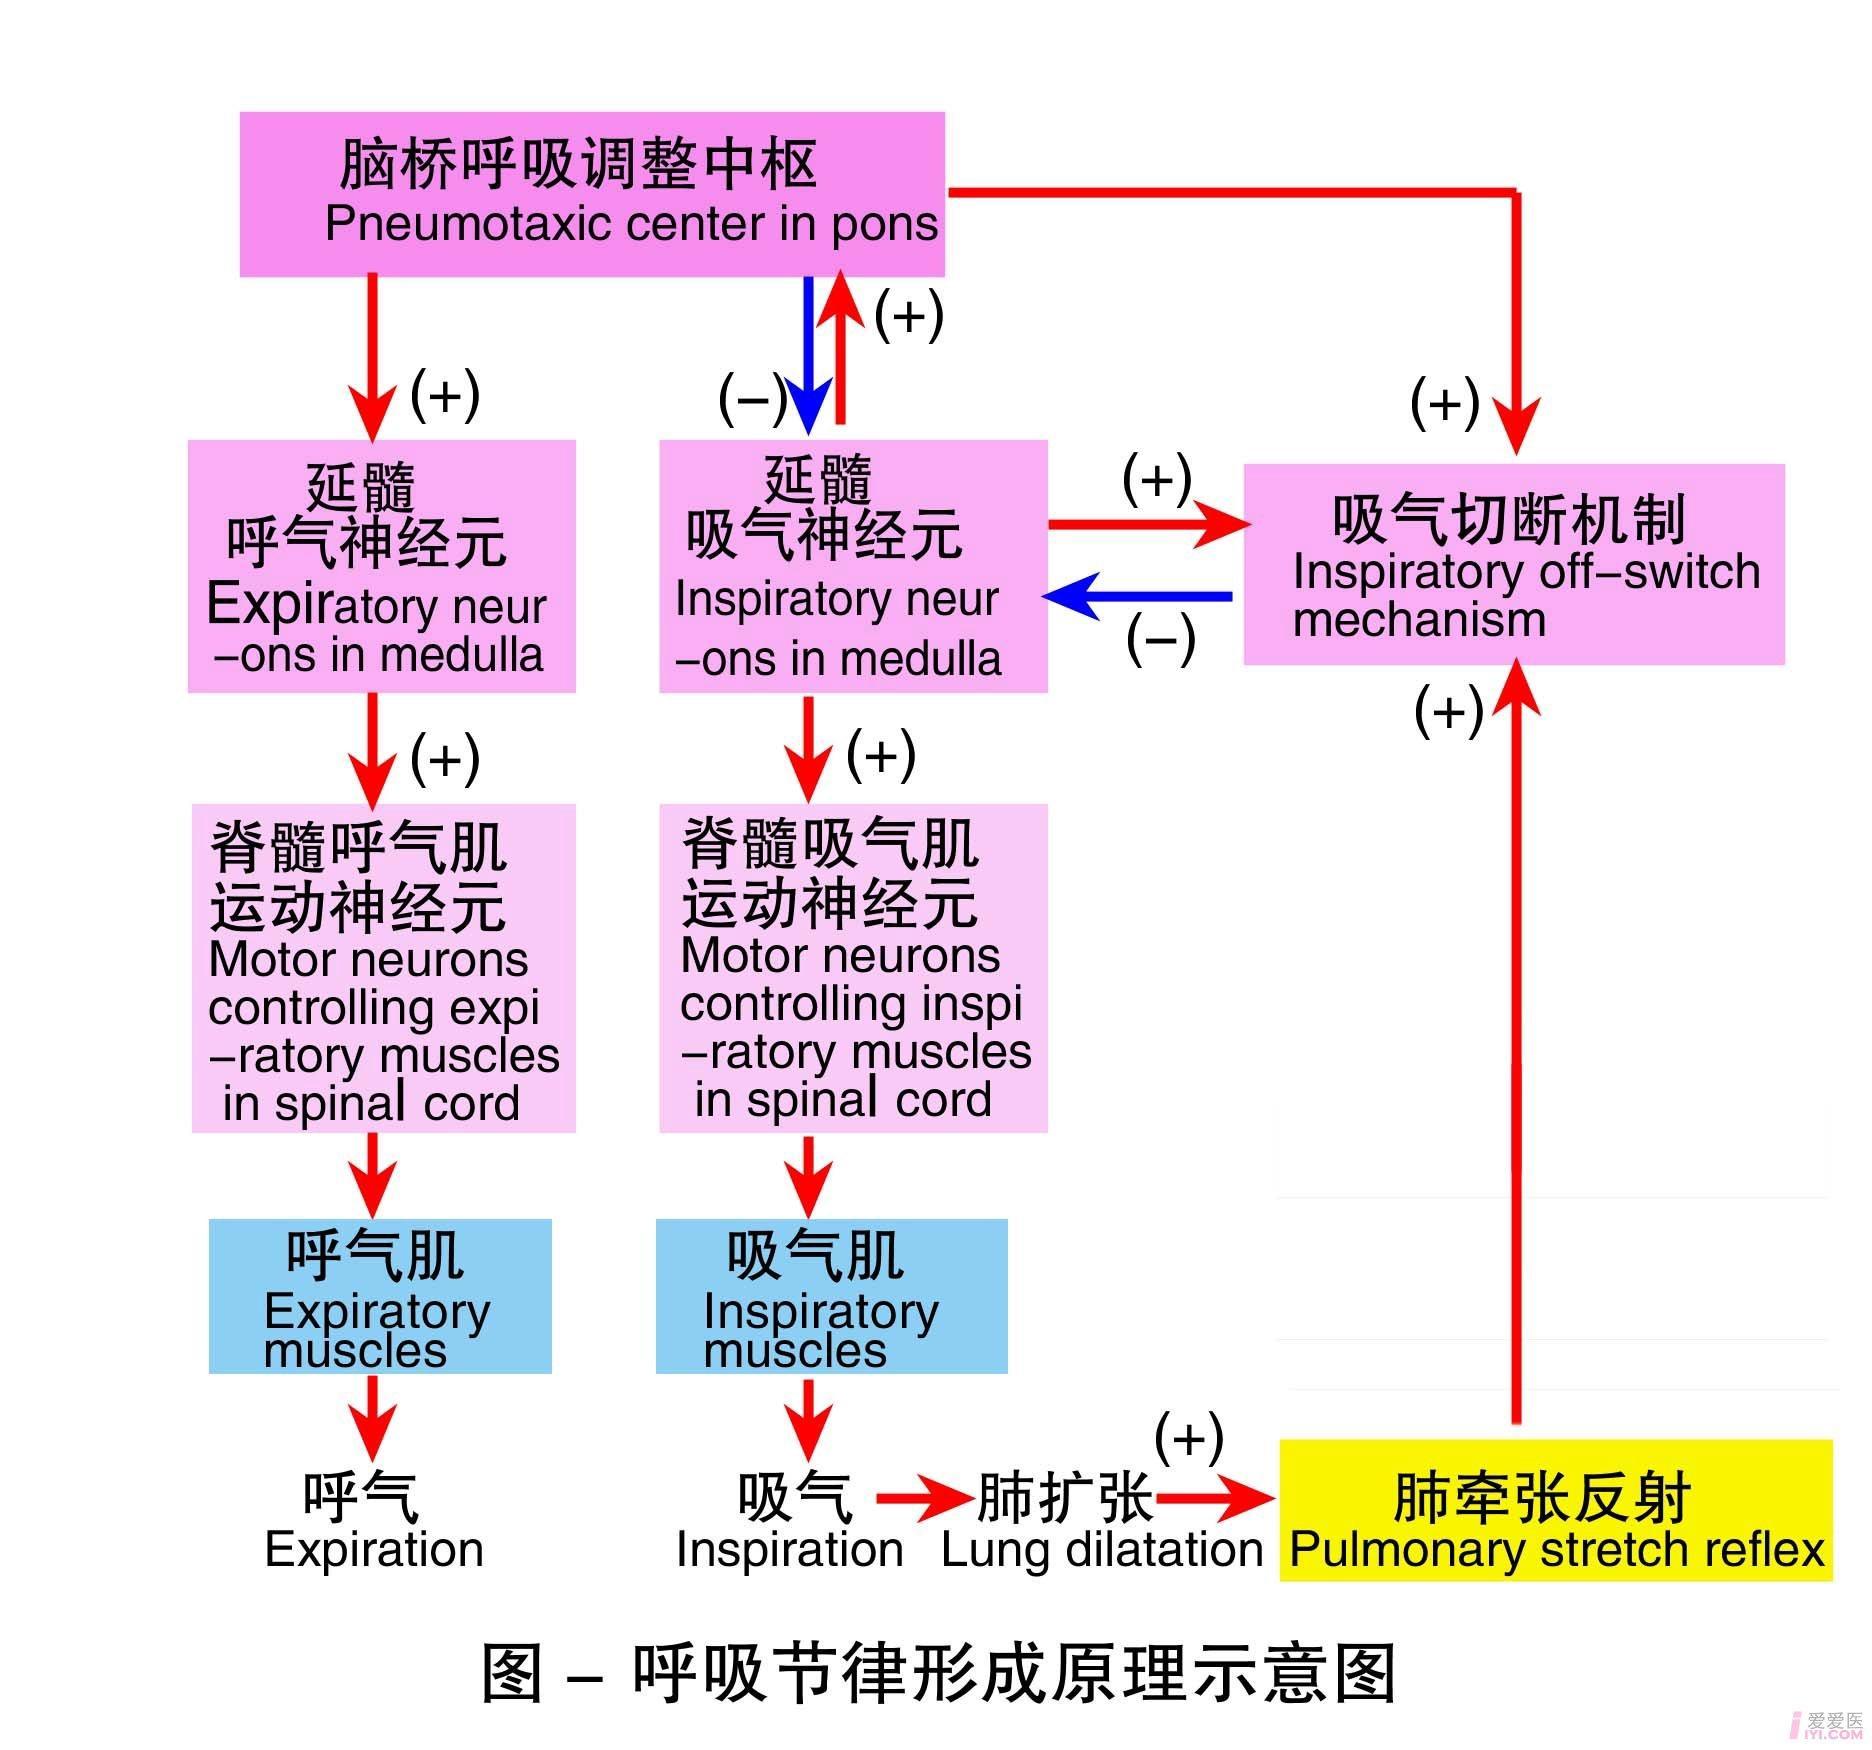 13-呼吸节律形成原理示意图.jpg